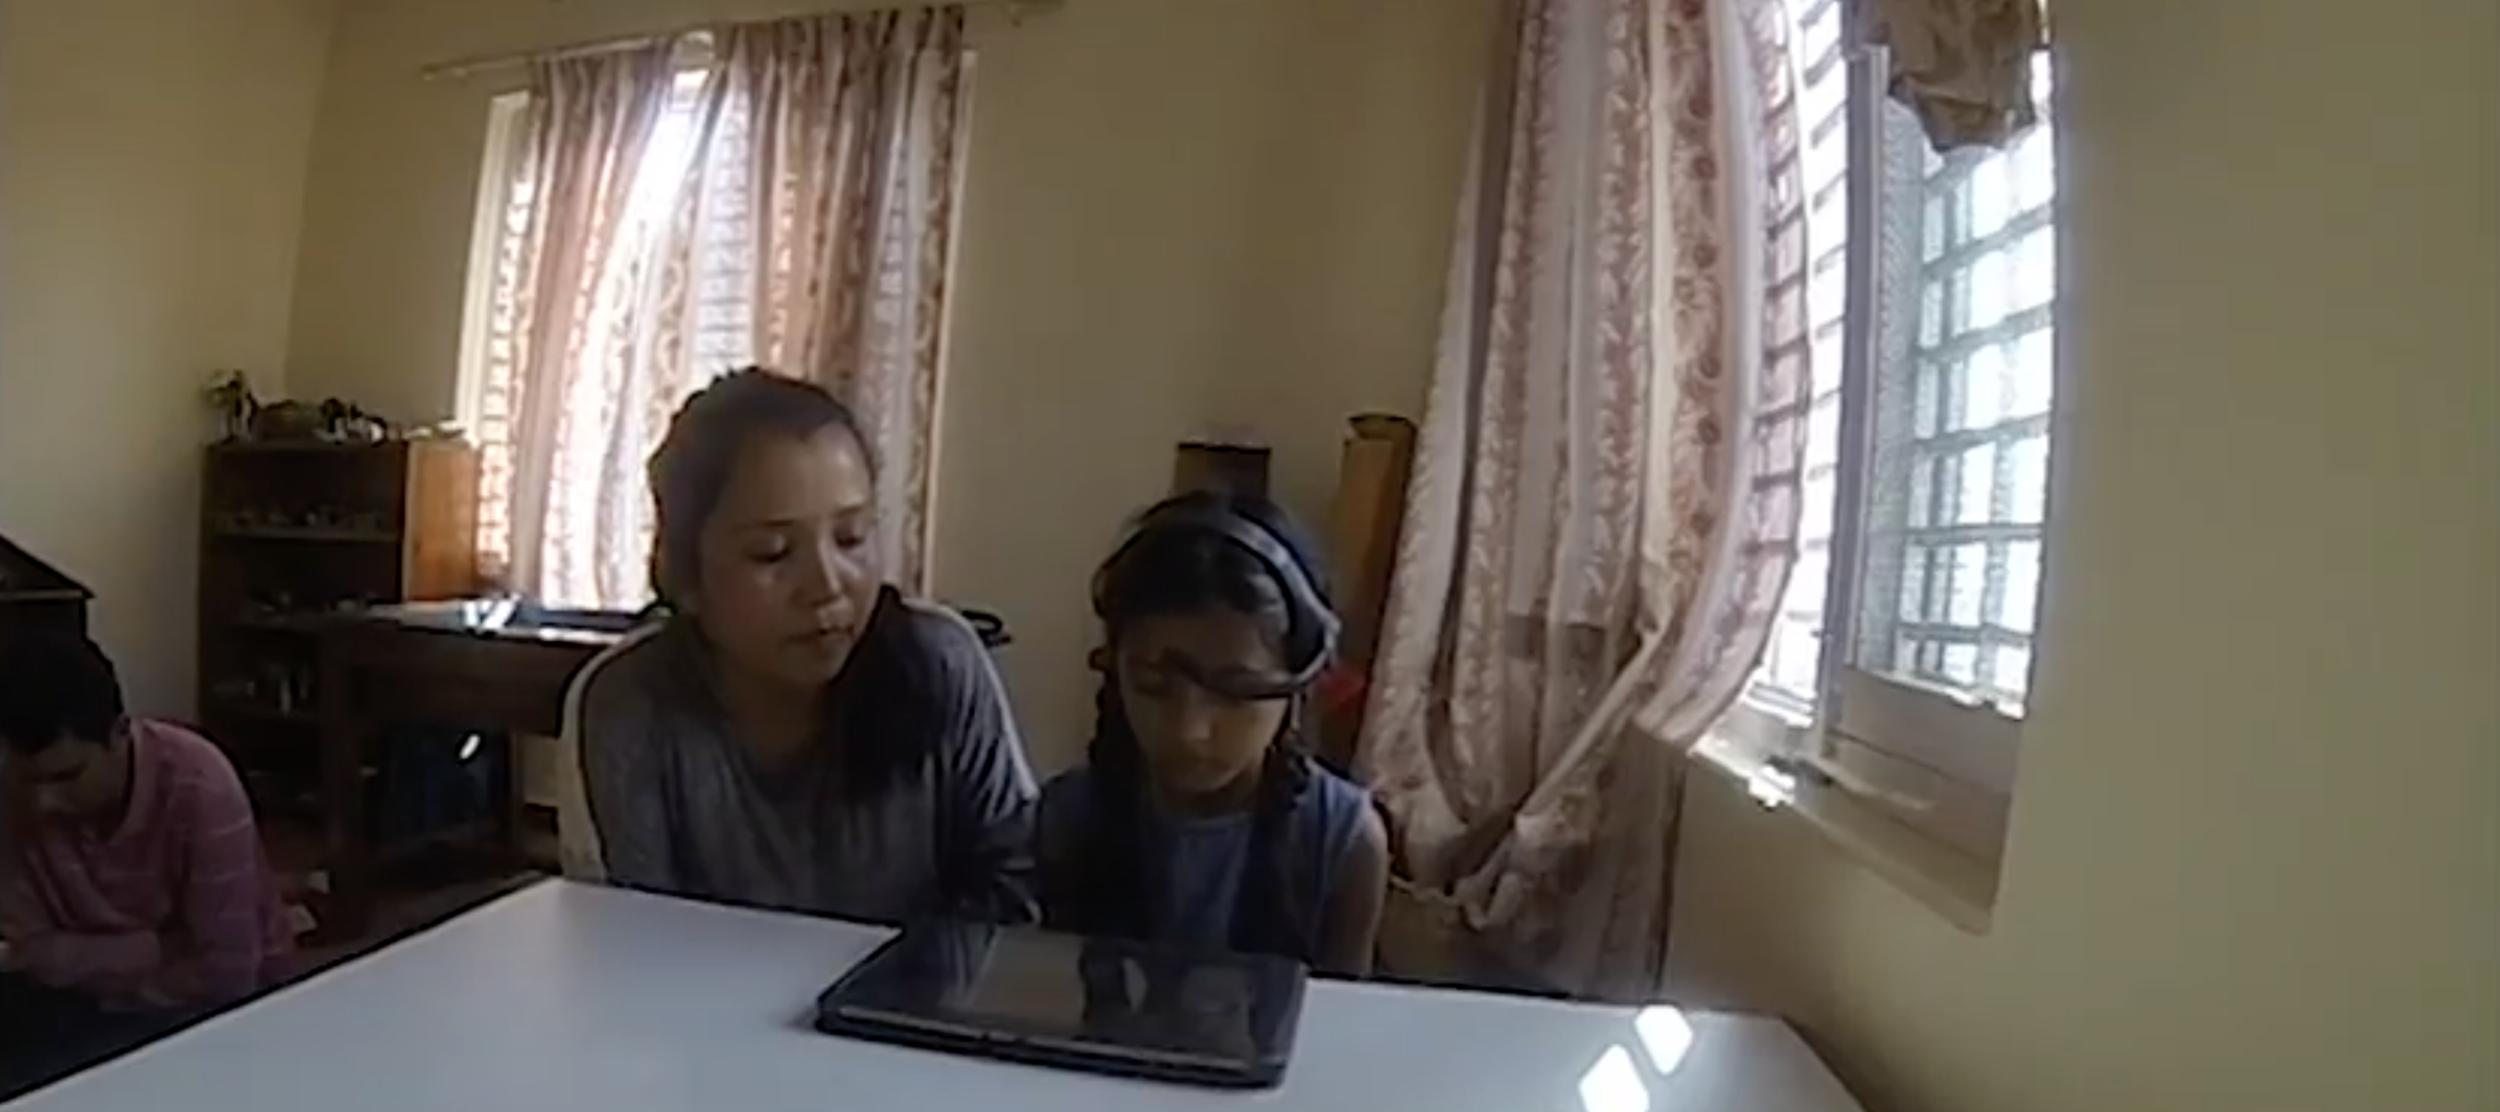 user-testing-nepal.png